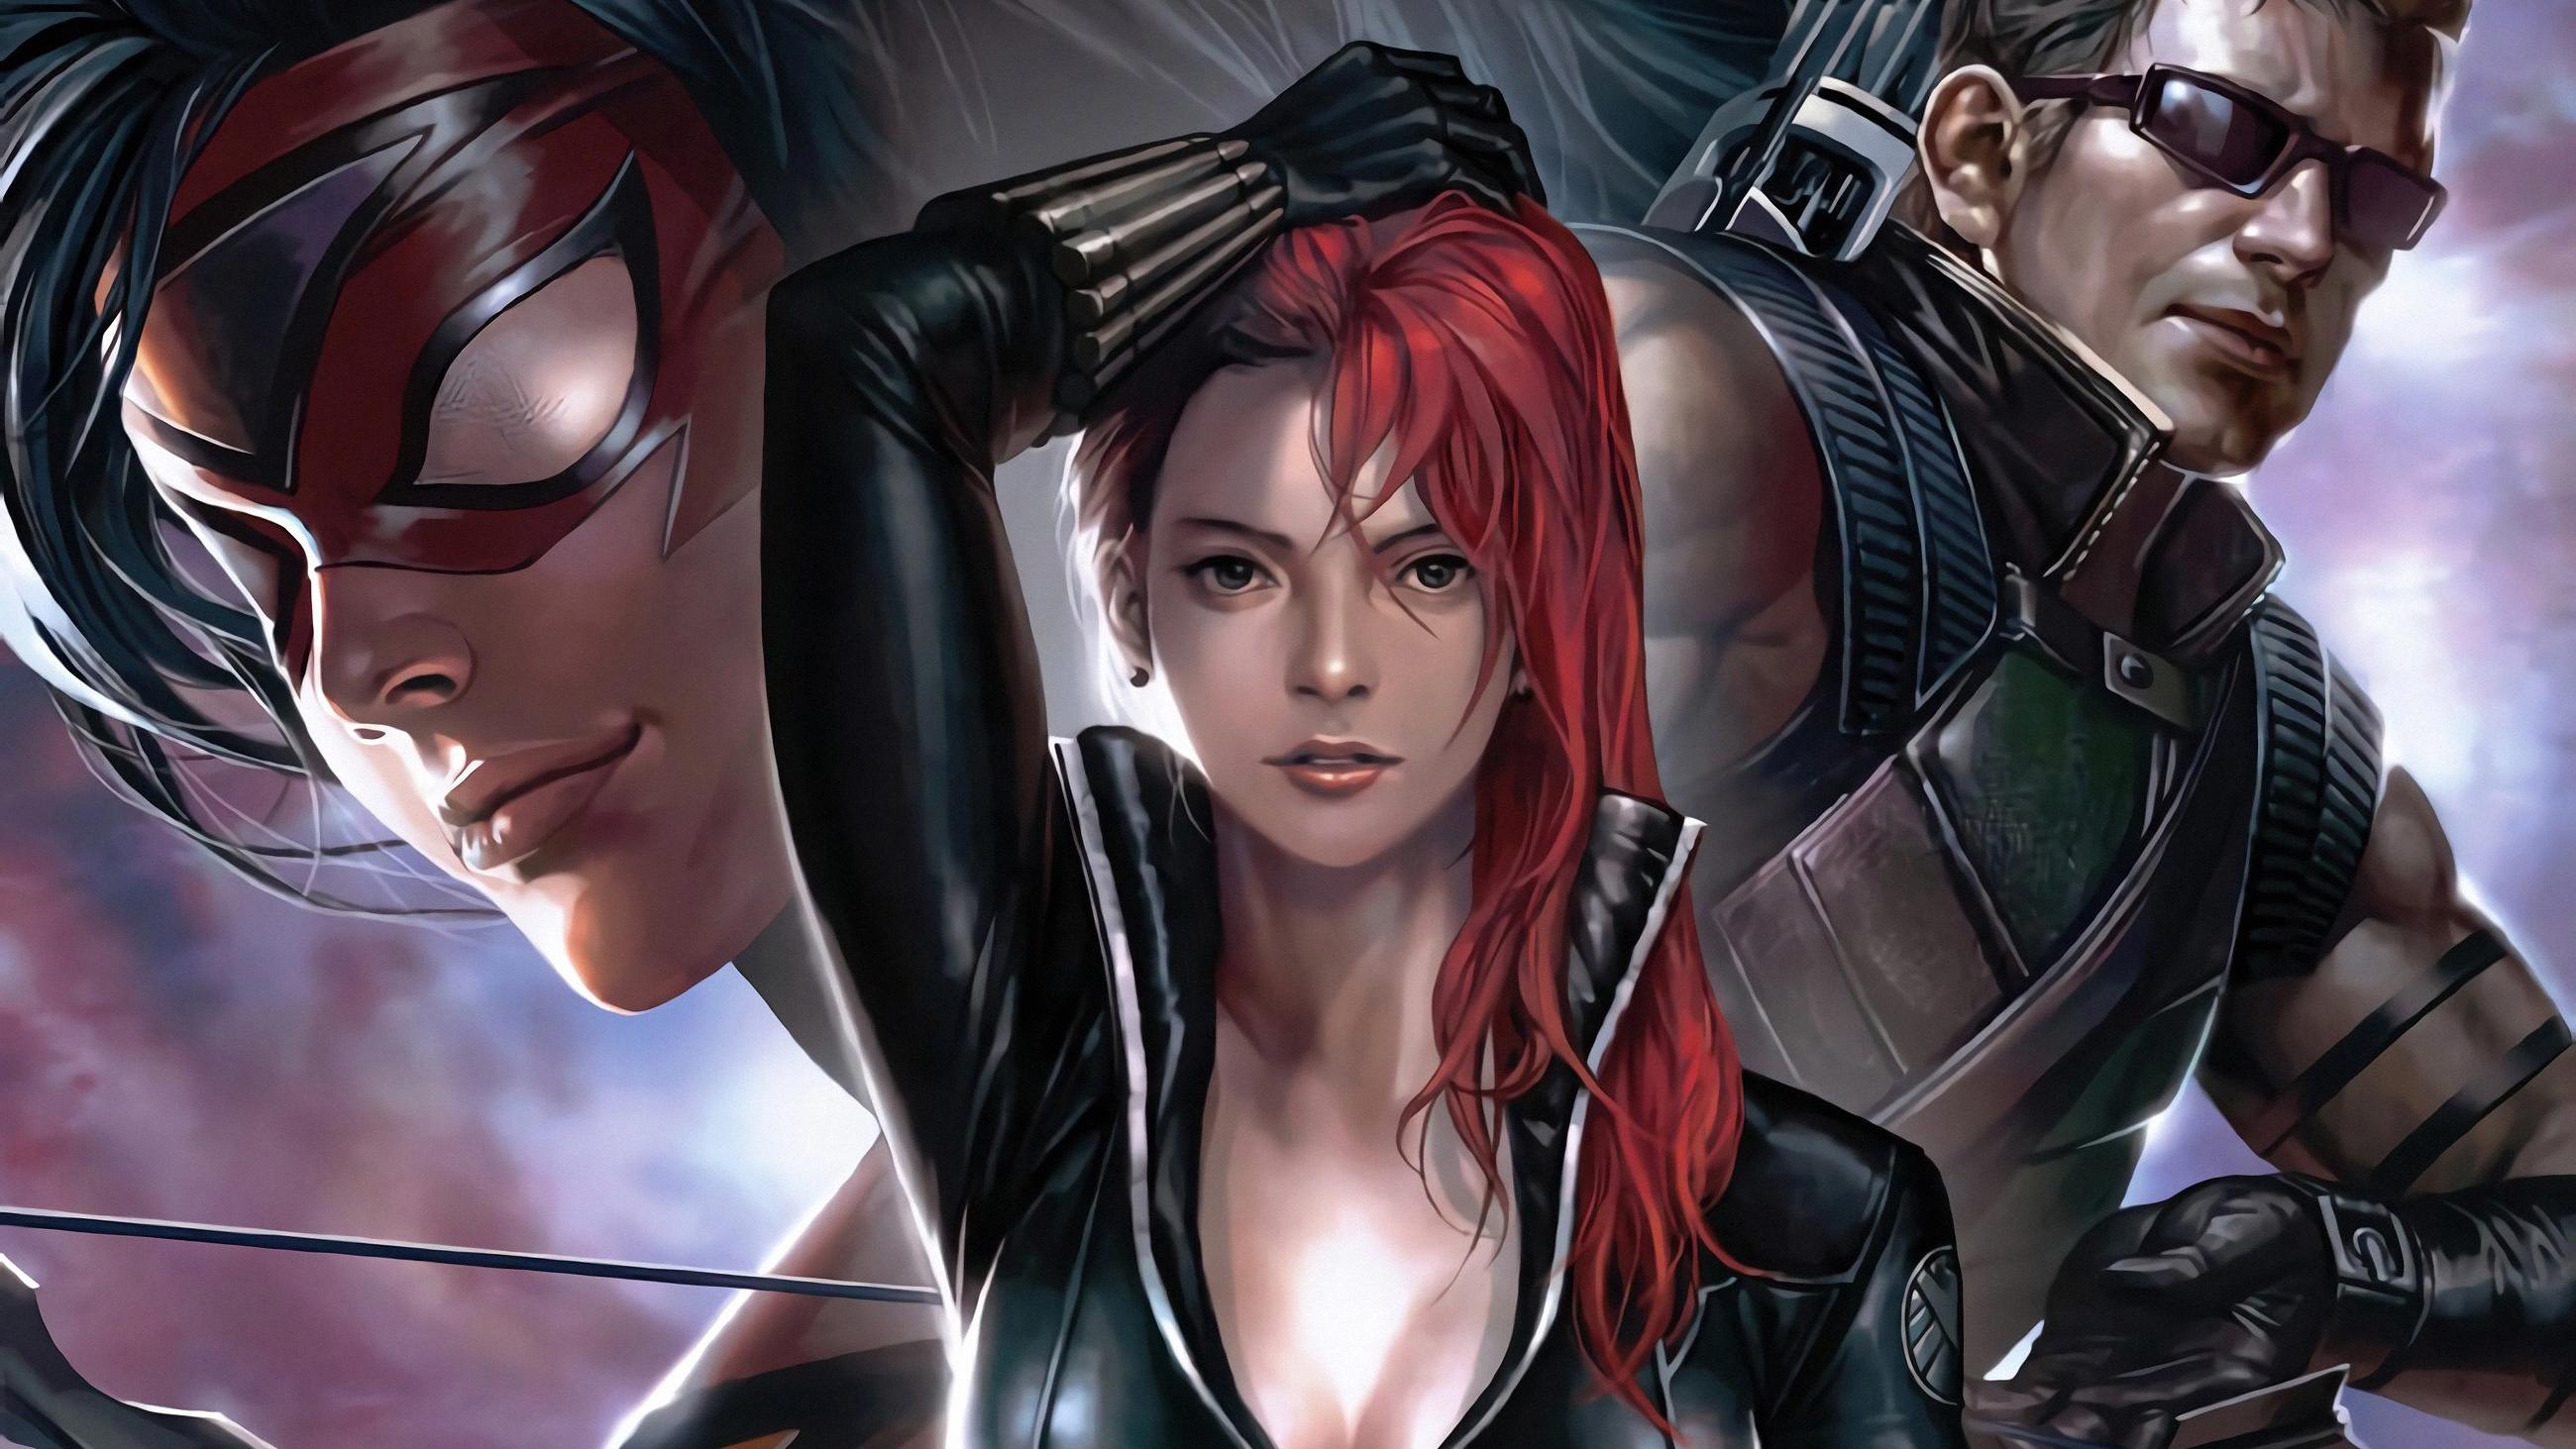 Black Widow Team Hd Superheroes 4k Wallpapers Images